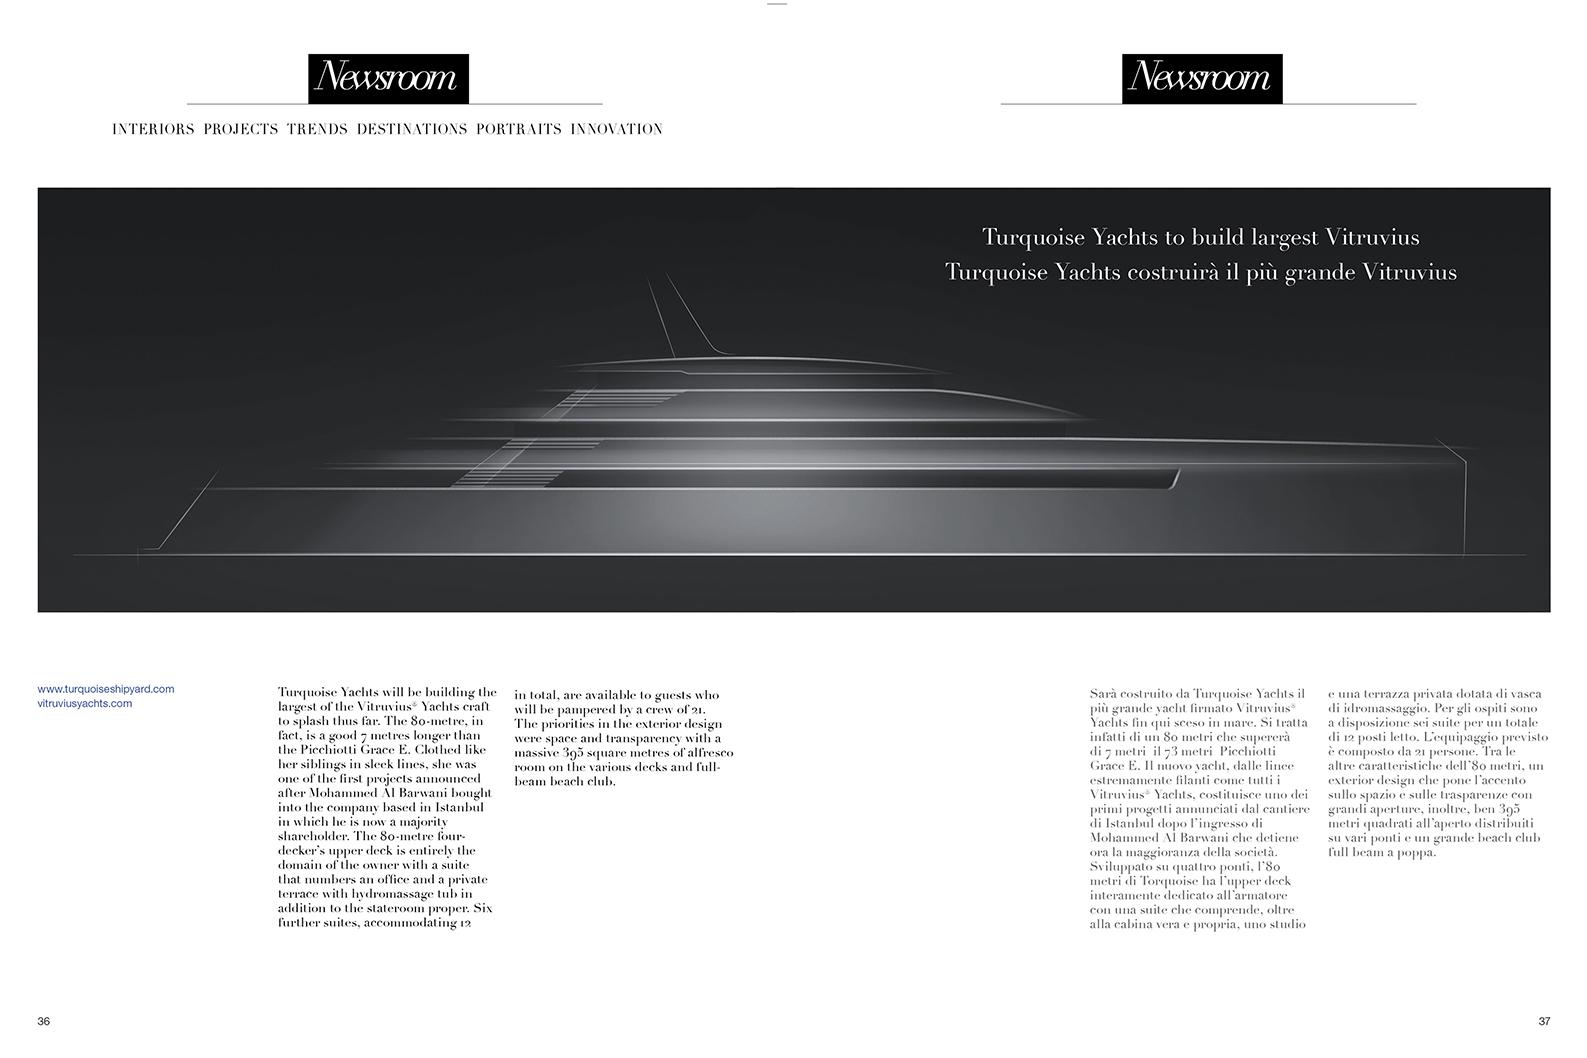 Allresco 36-37-nr-vitruvius-eok 2 - top yacht design